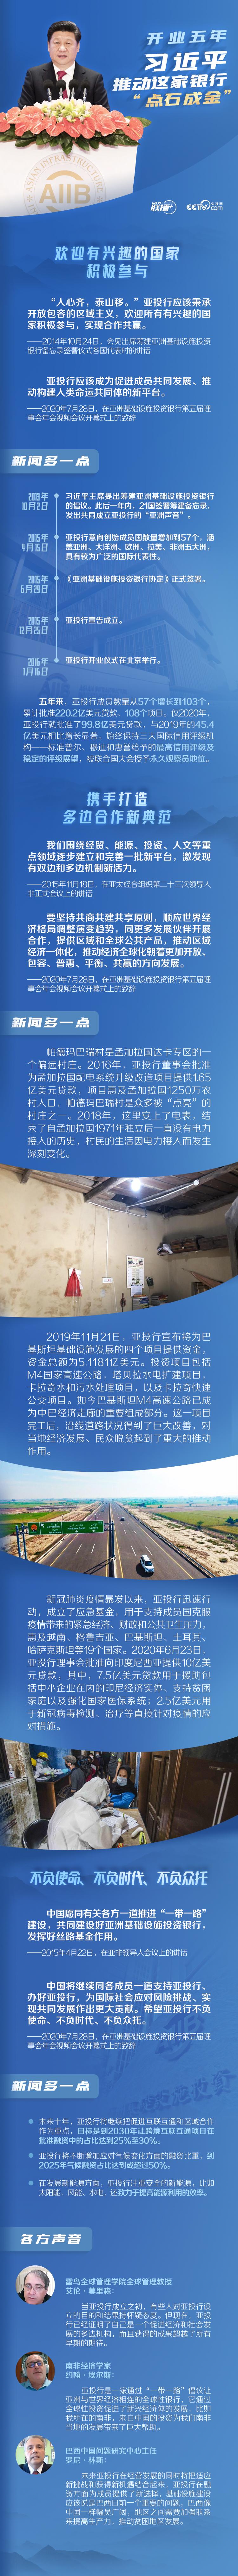 """联播+丨开业五年 习近平推动这家银行""""点石成金"""""""